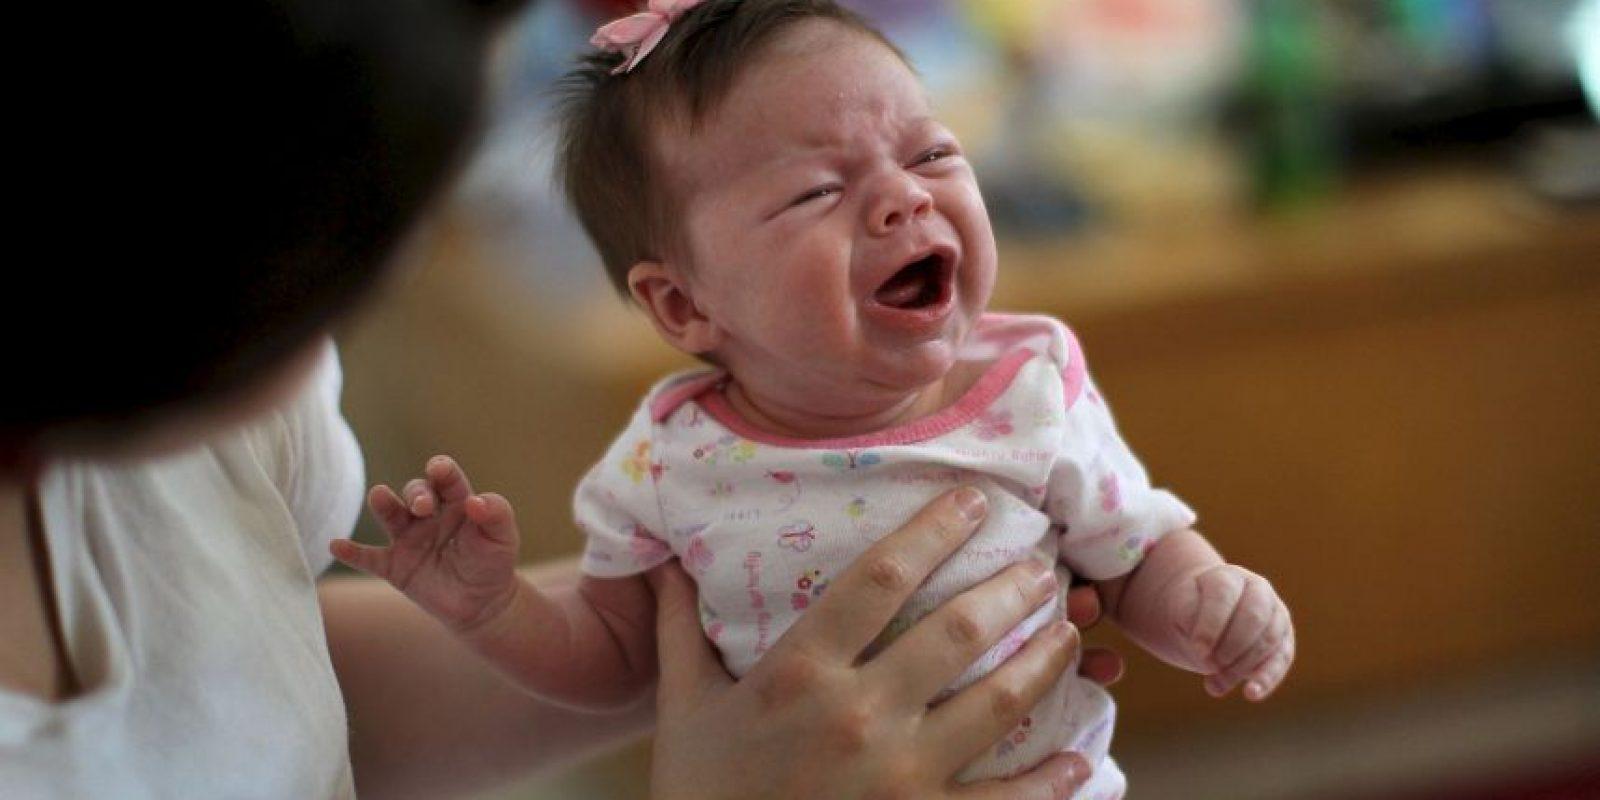 La OMS la recomienda como modo exclusivo de alimentación durante los 6 primeros meses de vida; a partir de entonces se recomienda seguir con la lactancia materna hasta los 2 años, como mínimo, complementada adecuadamente con otros alimentos inocuos. Foto:Getty Images